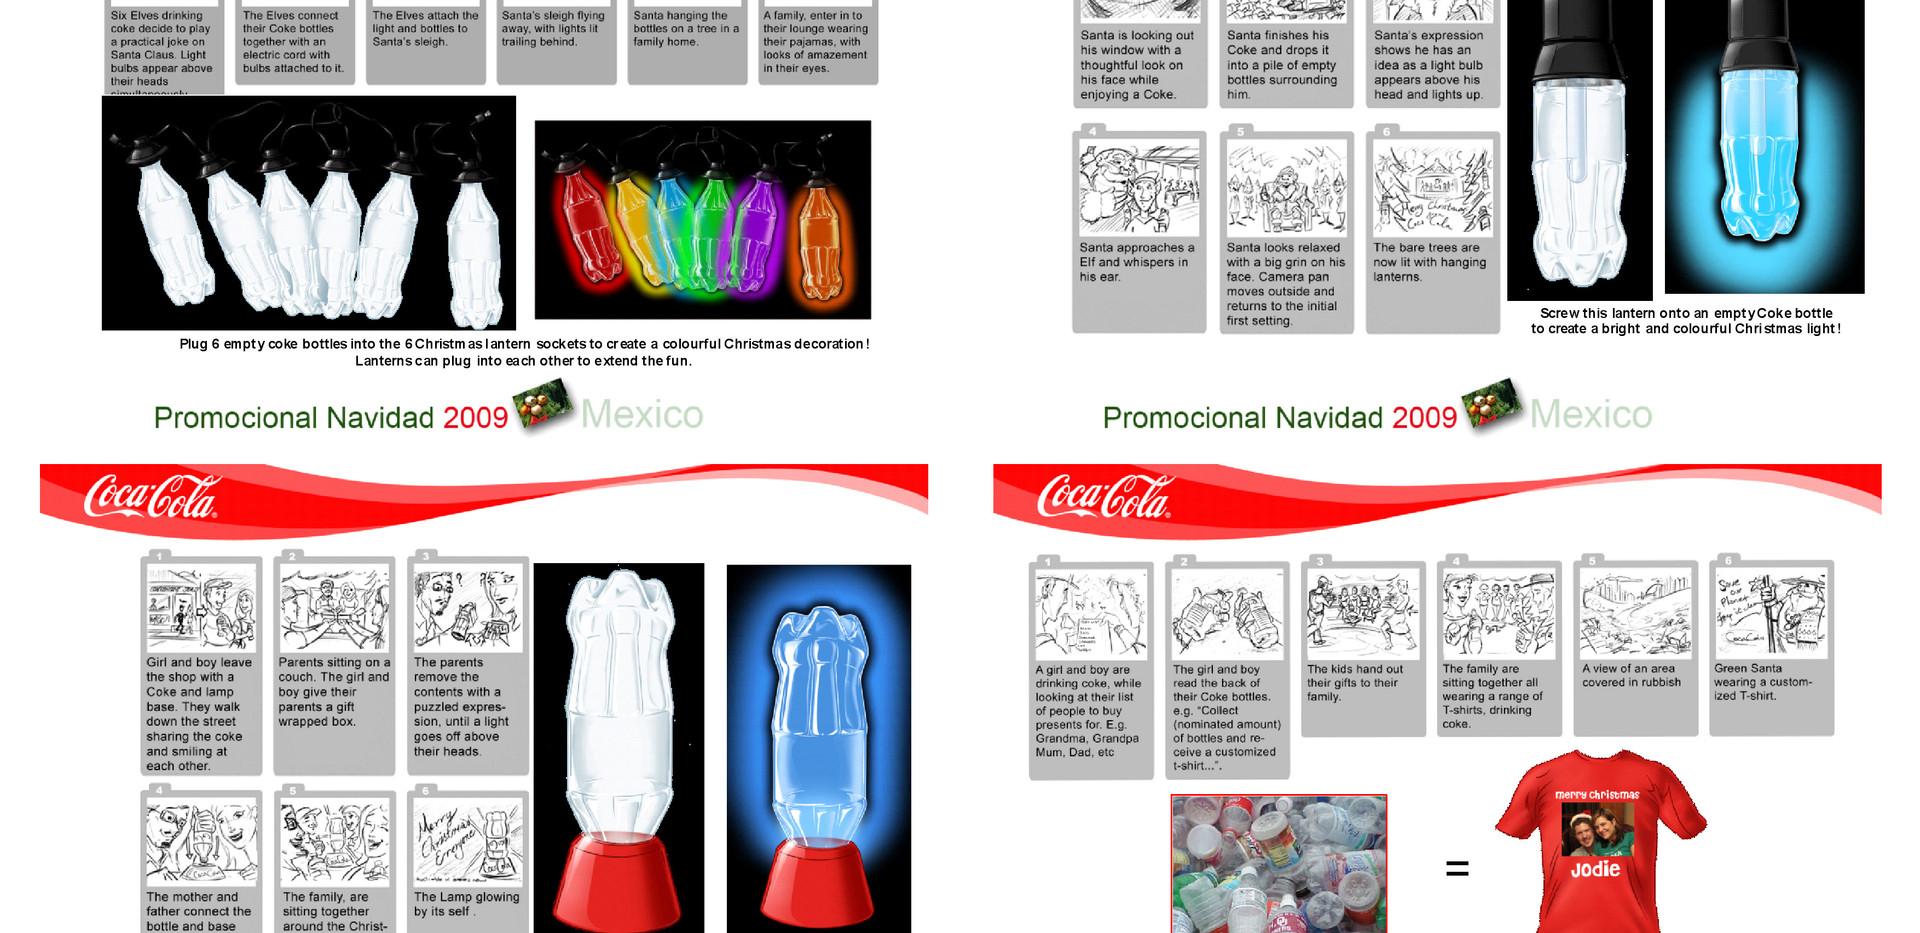 Coke+06.jpg